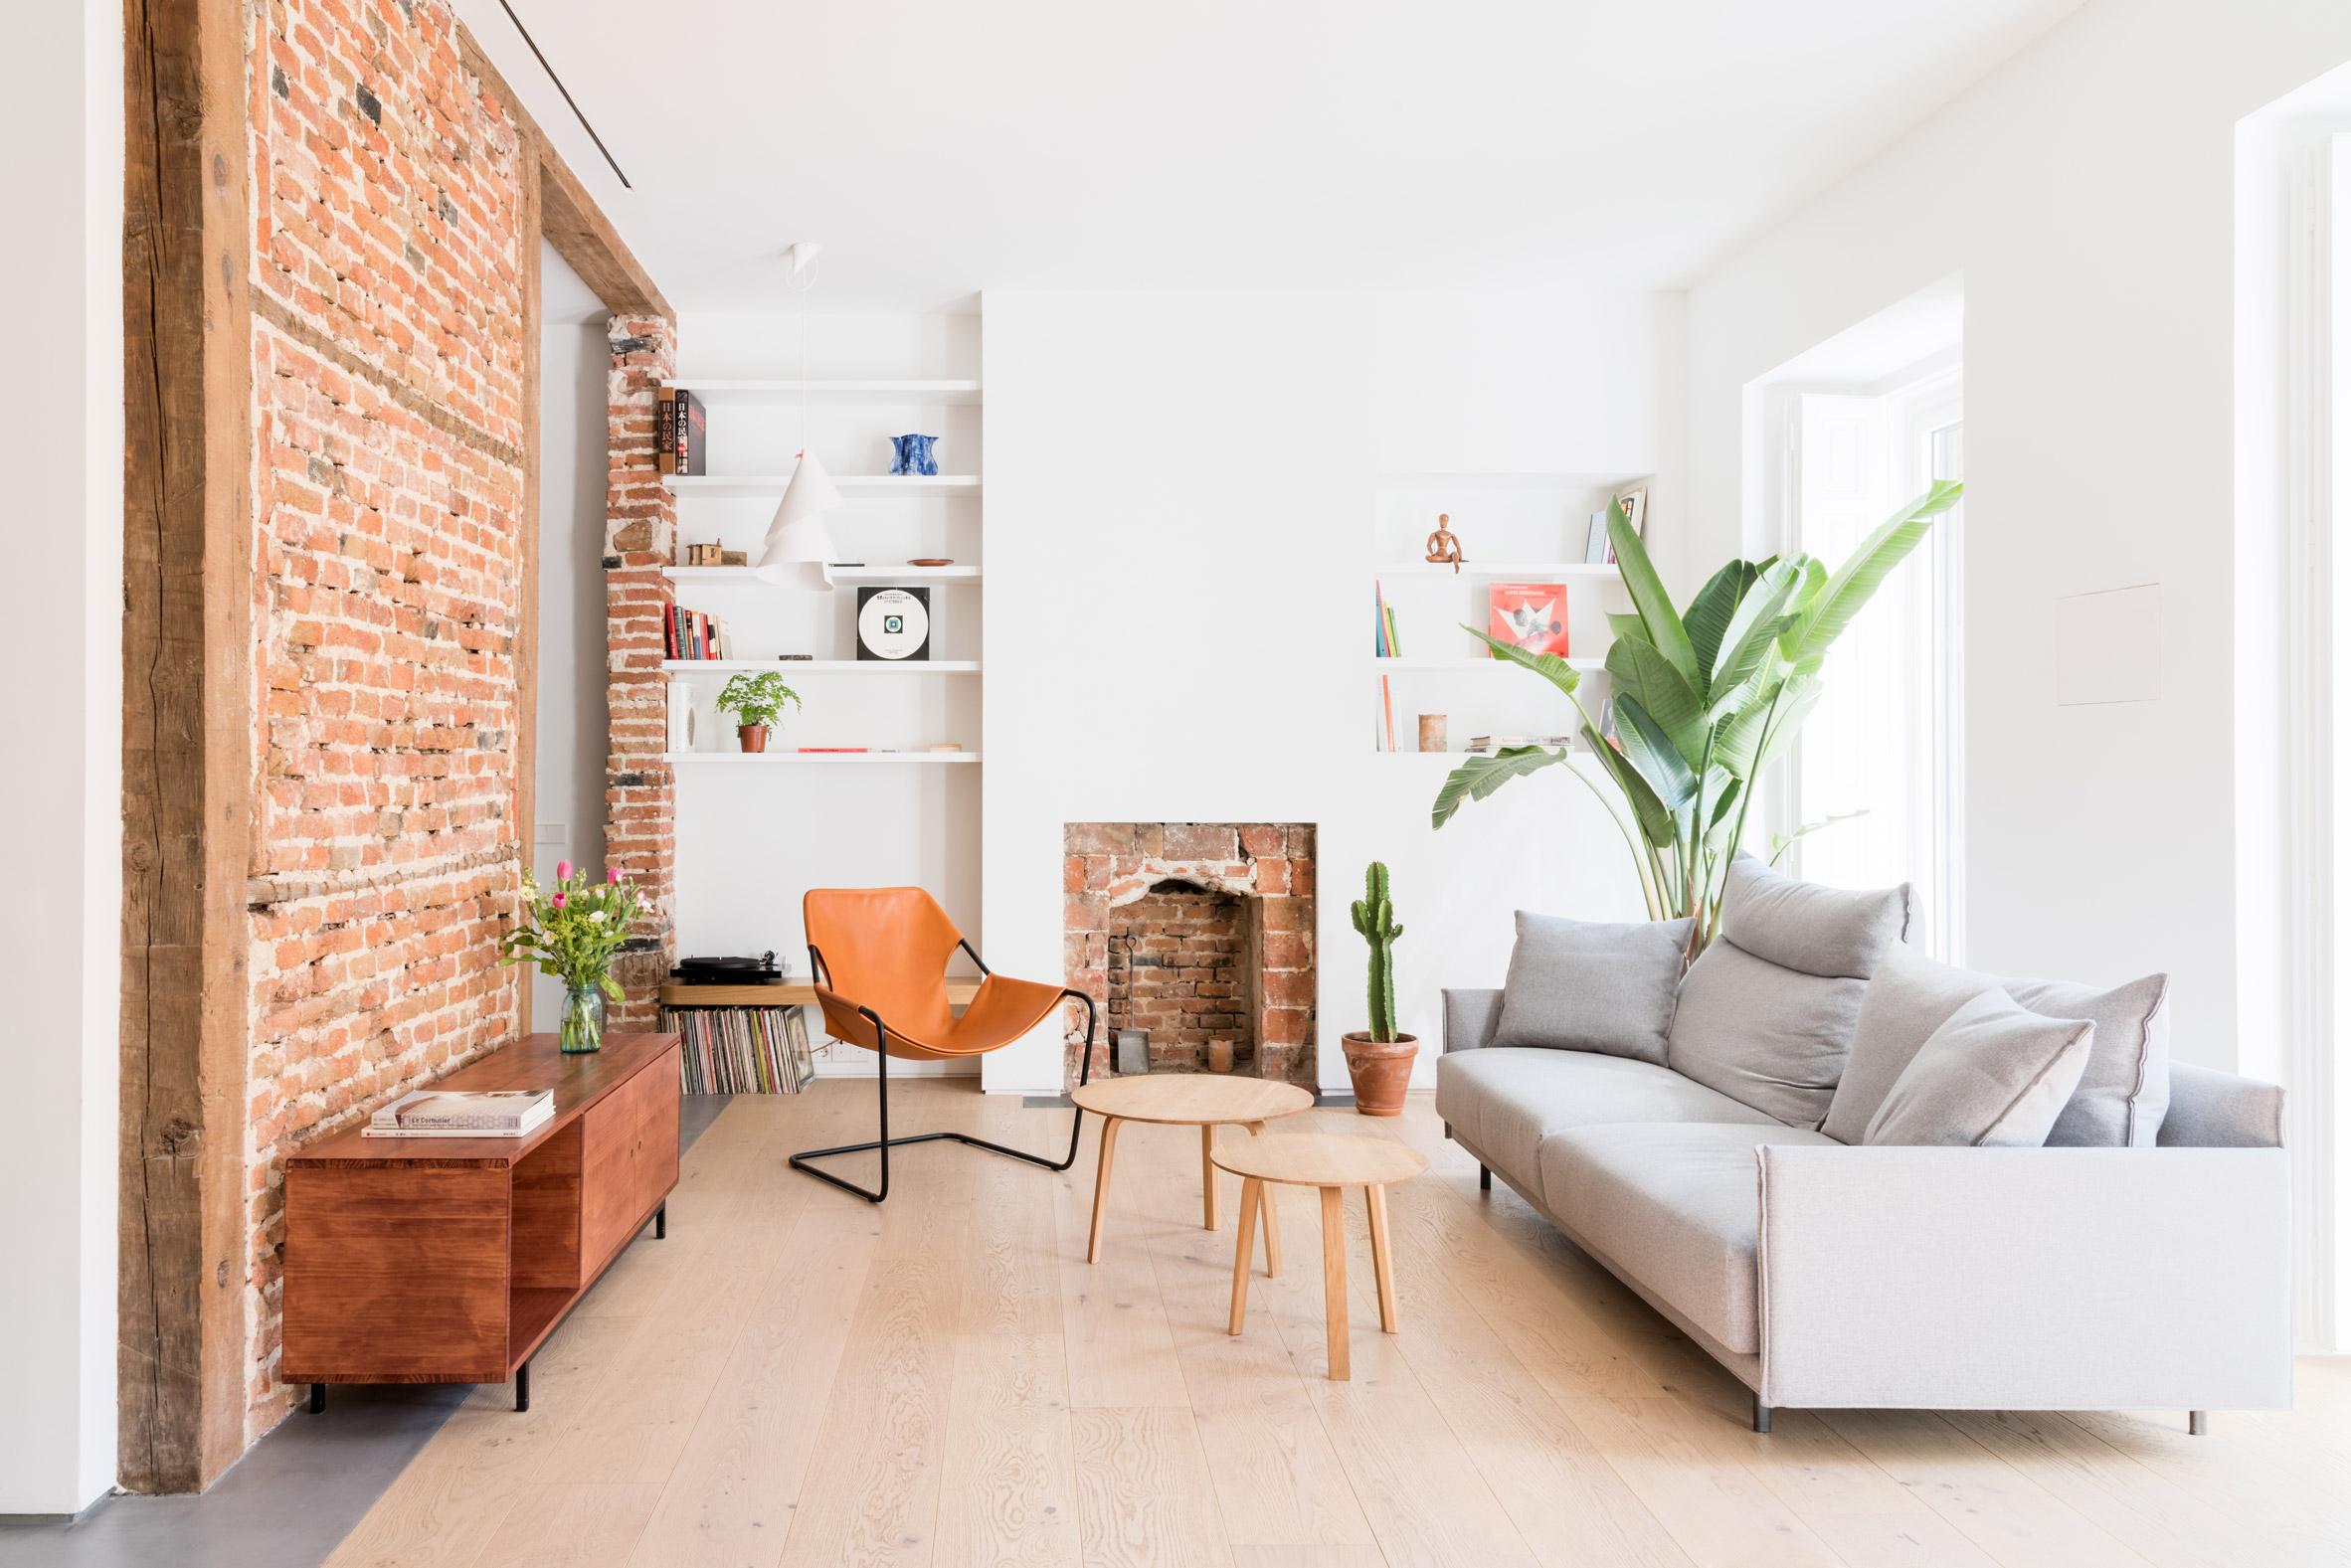 Thiết kế phòng khách chung cư đơn giản 2